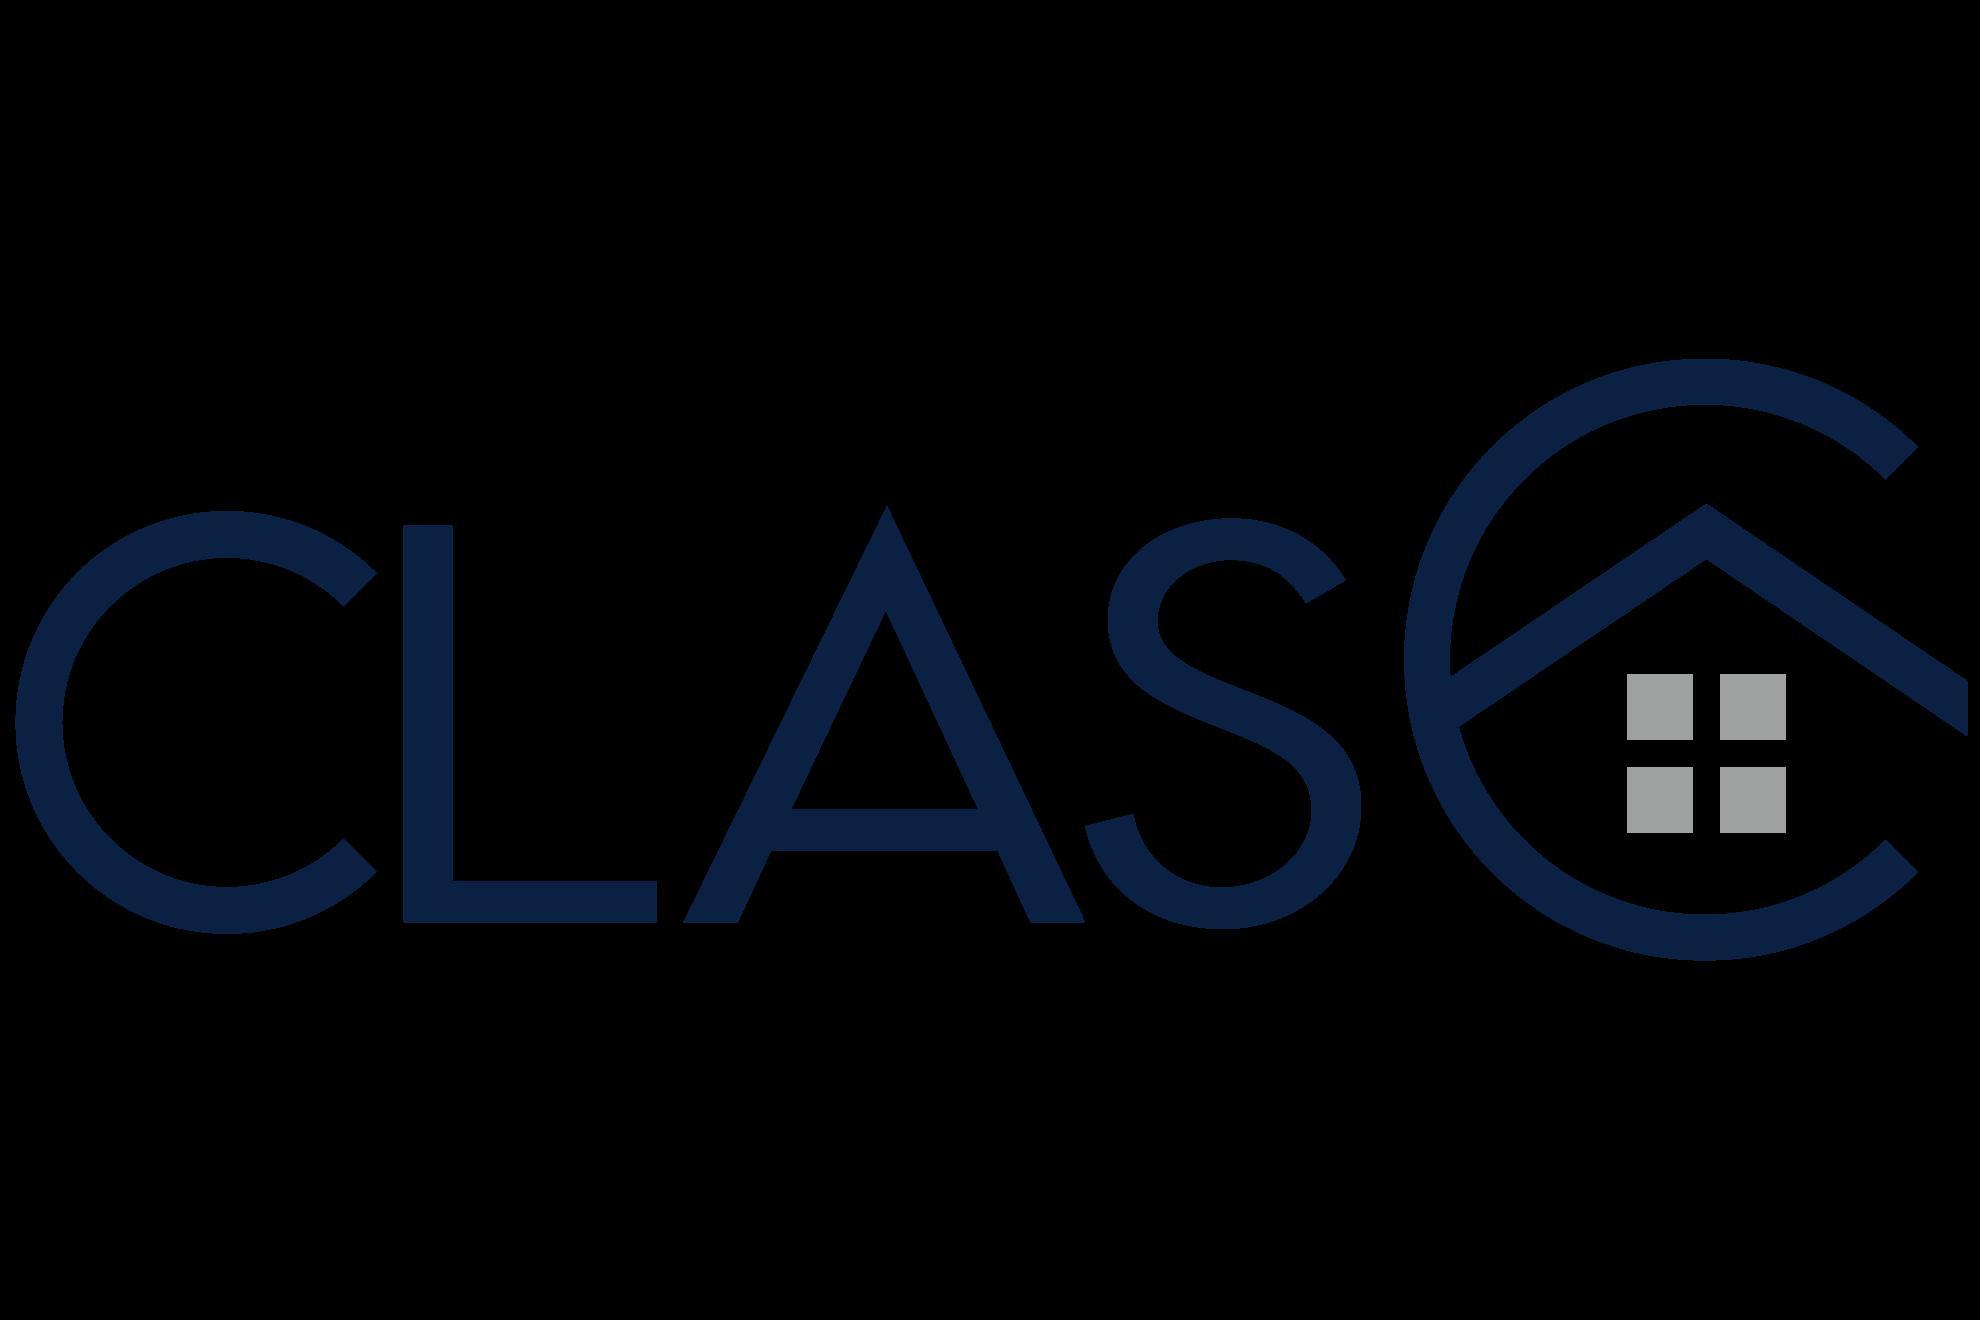 株式会社クラスロゴ